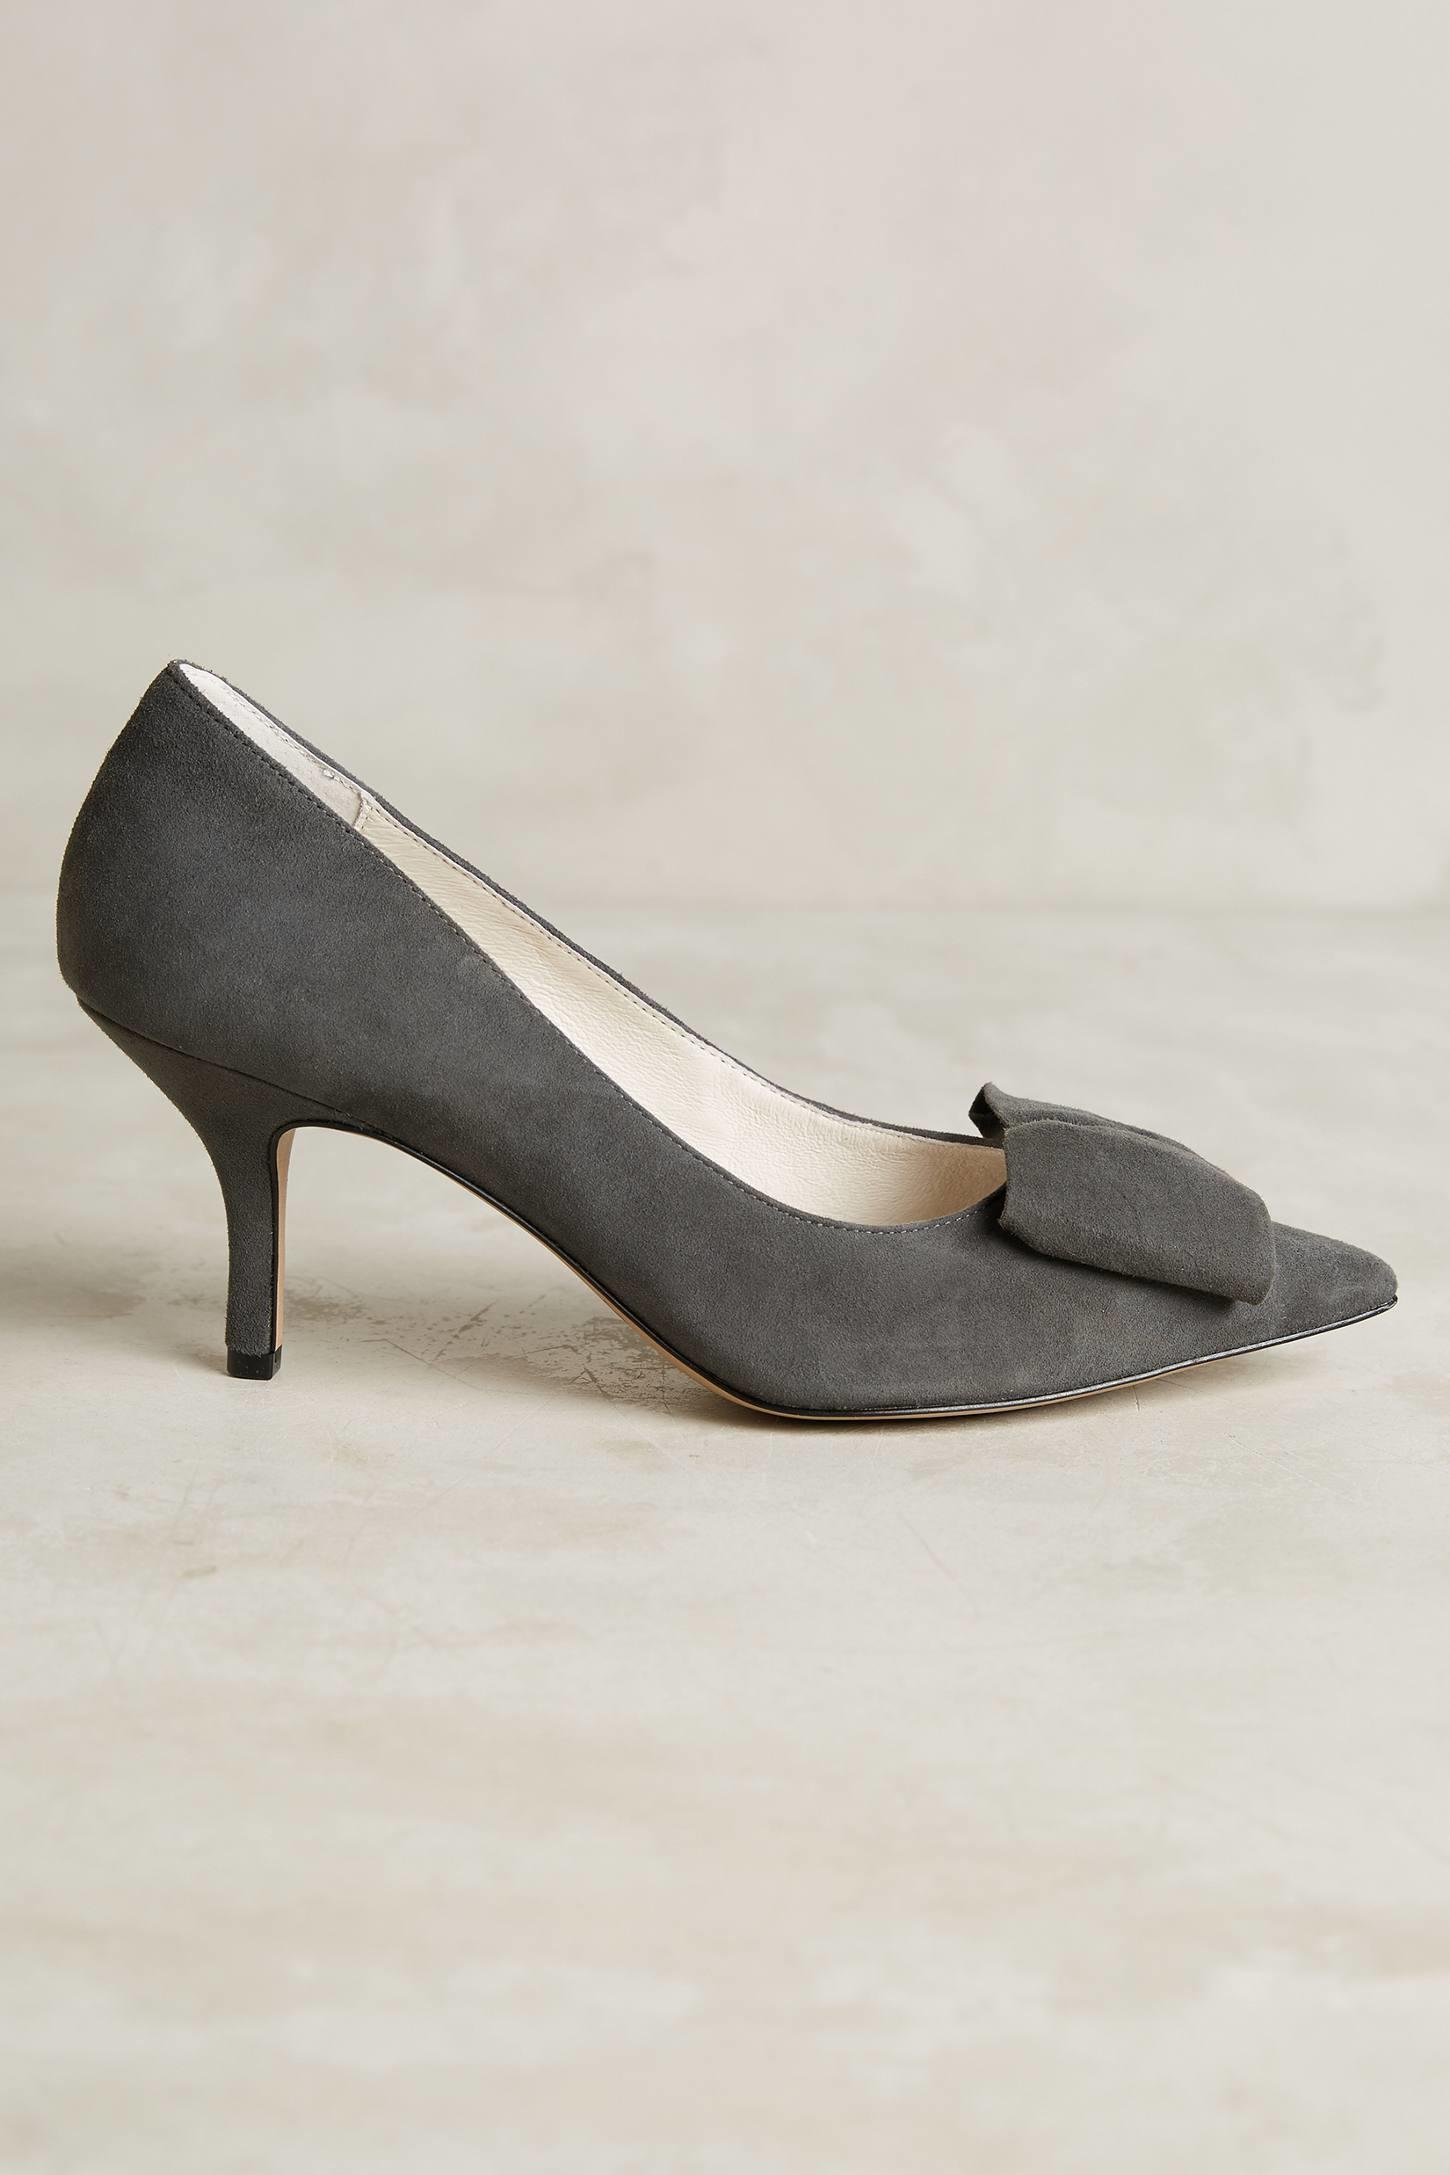 Lyst - Bettye muller Affair Kitten Heels in Gray